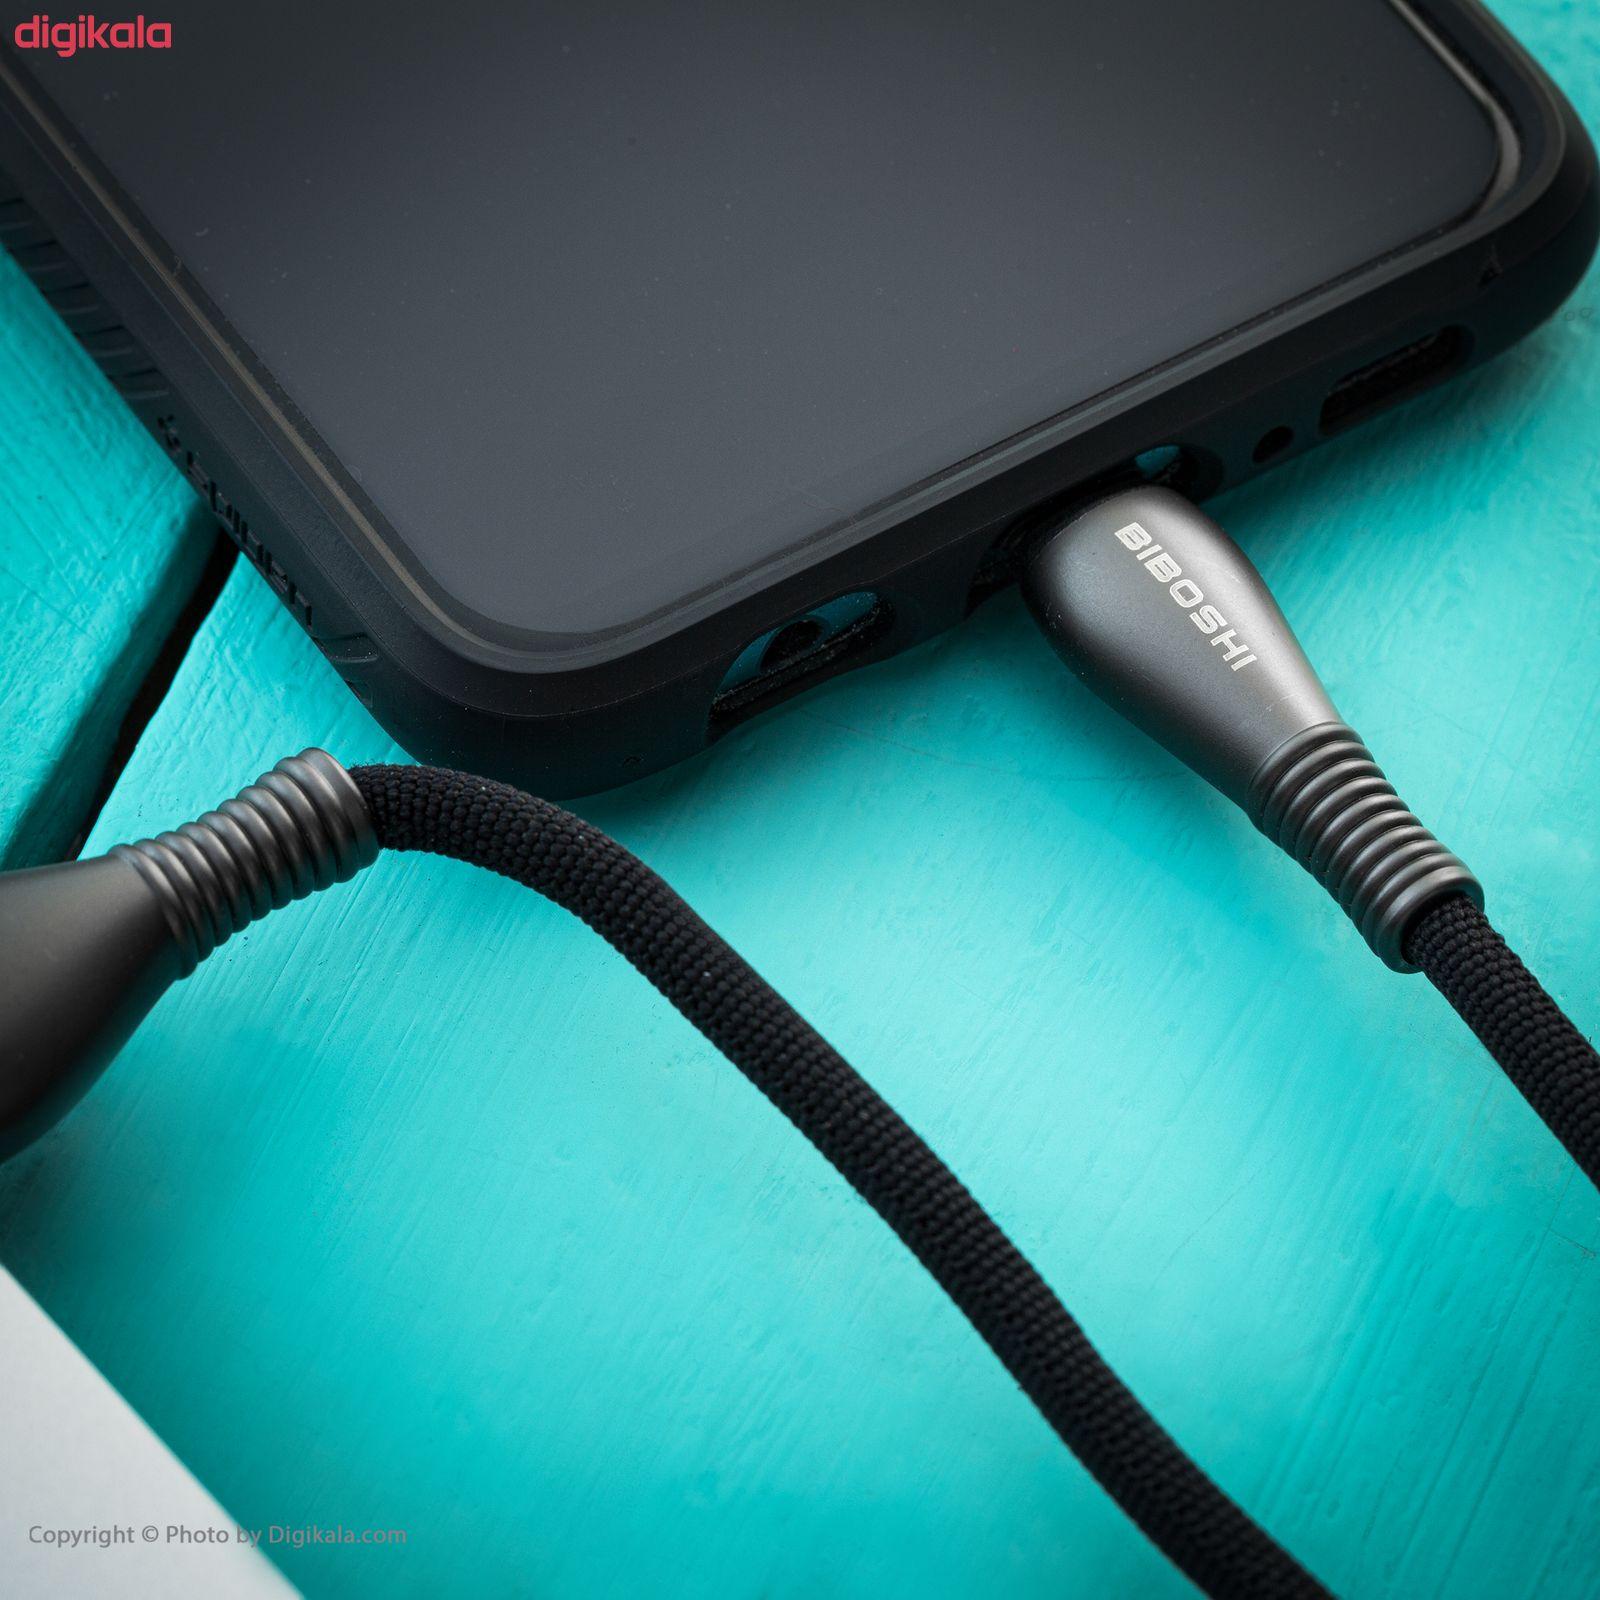 کابل تبدیل USB به USB-C بیبوشی مدل A05 طول 1 متر main 1 6